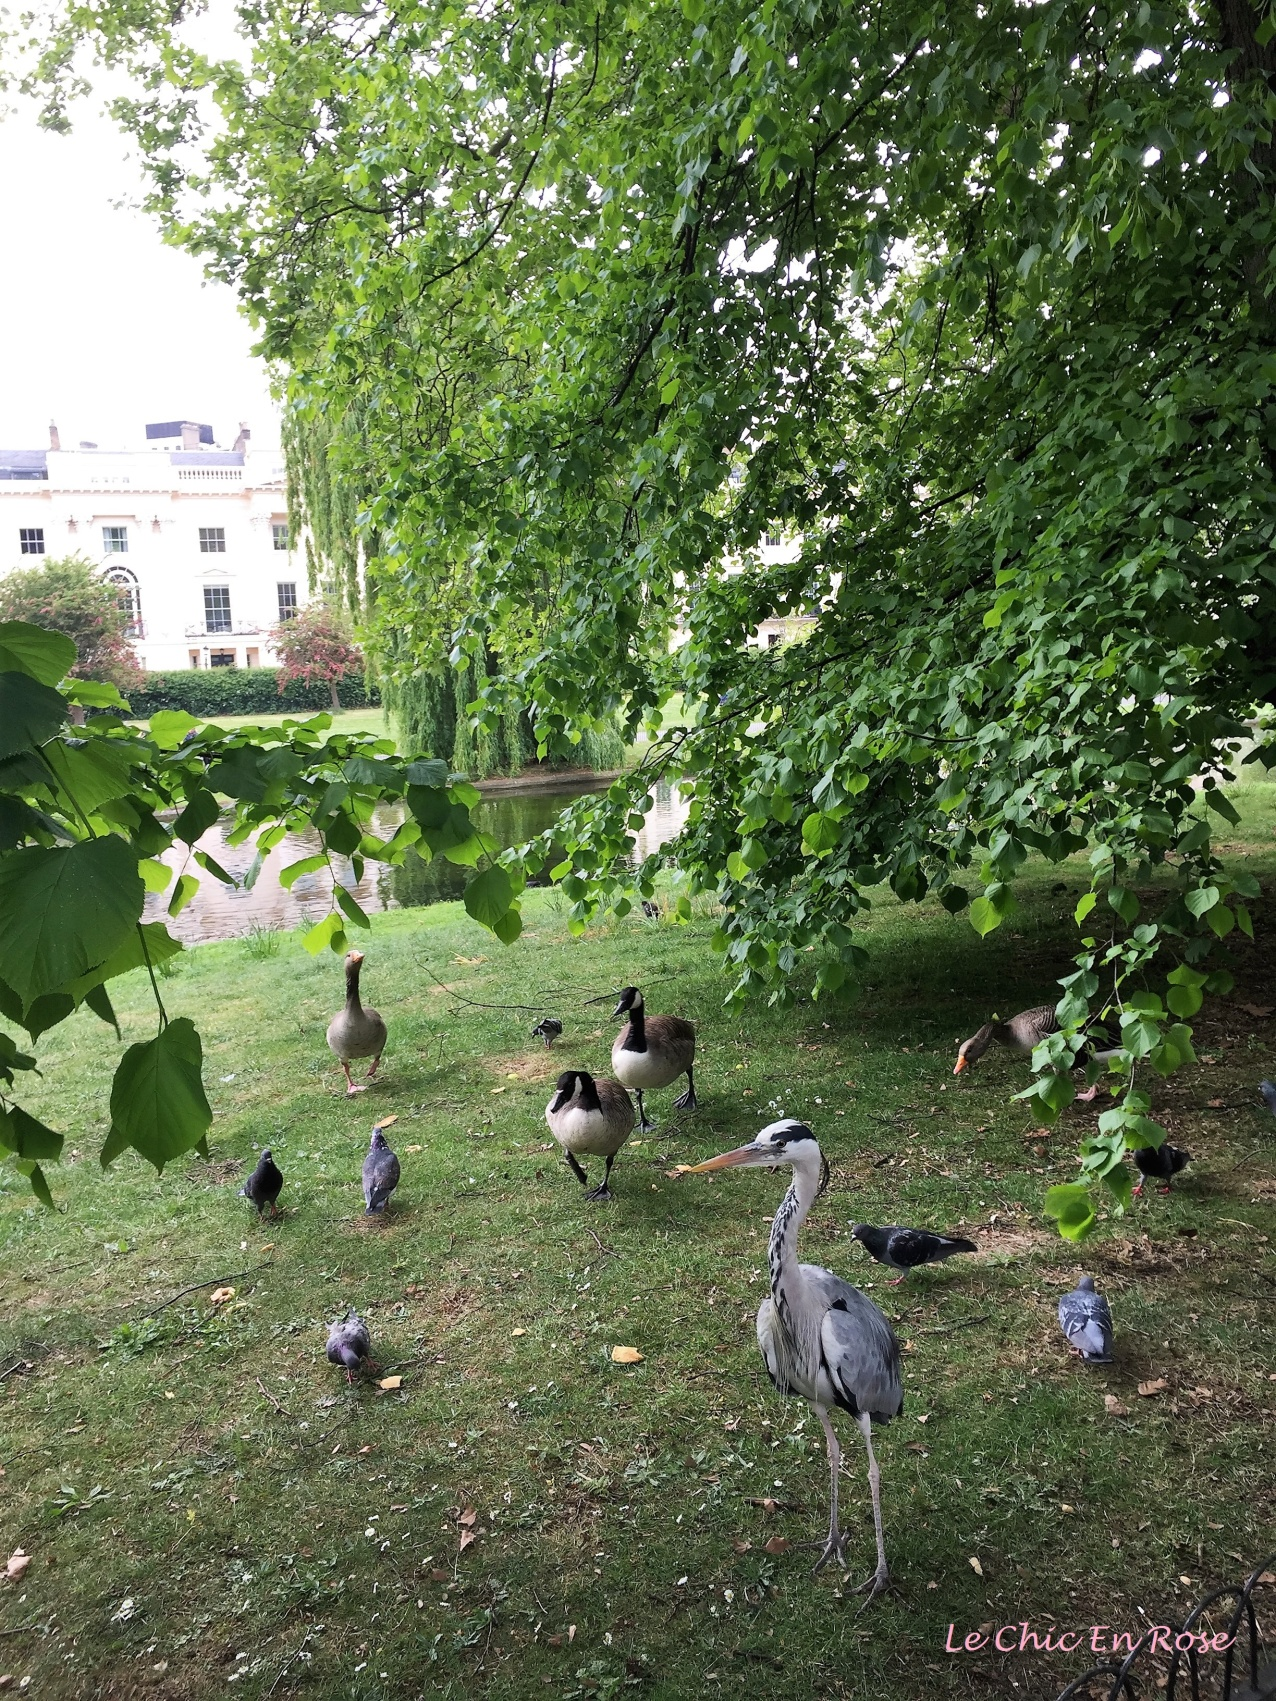 Birdlife in Regent's Park